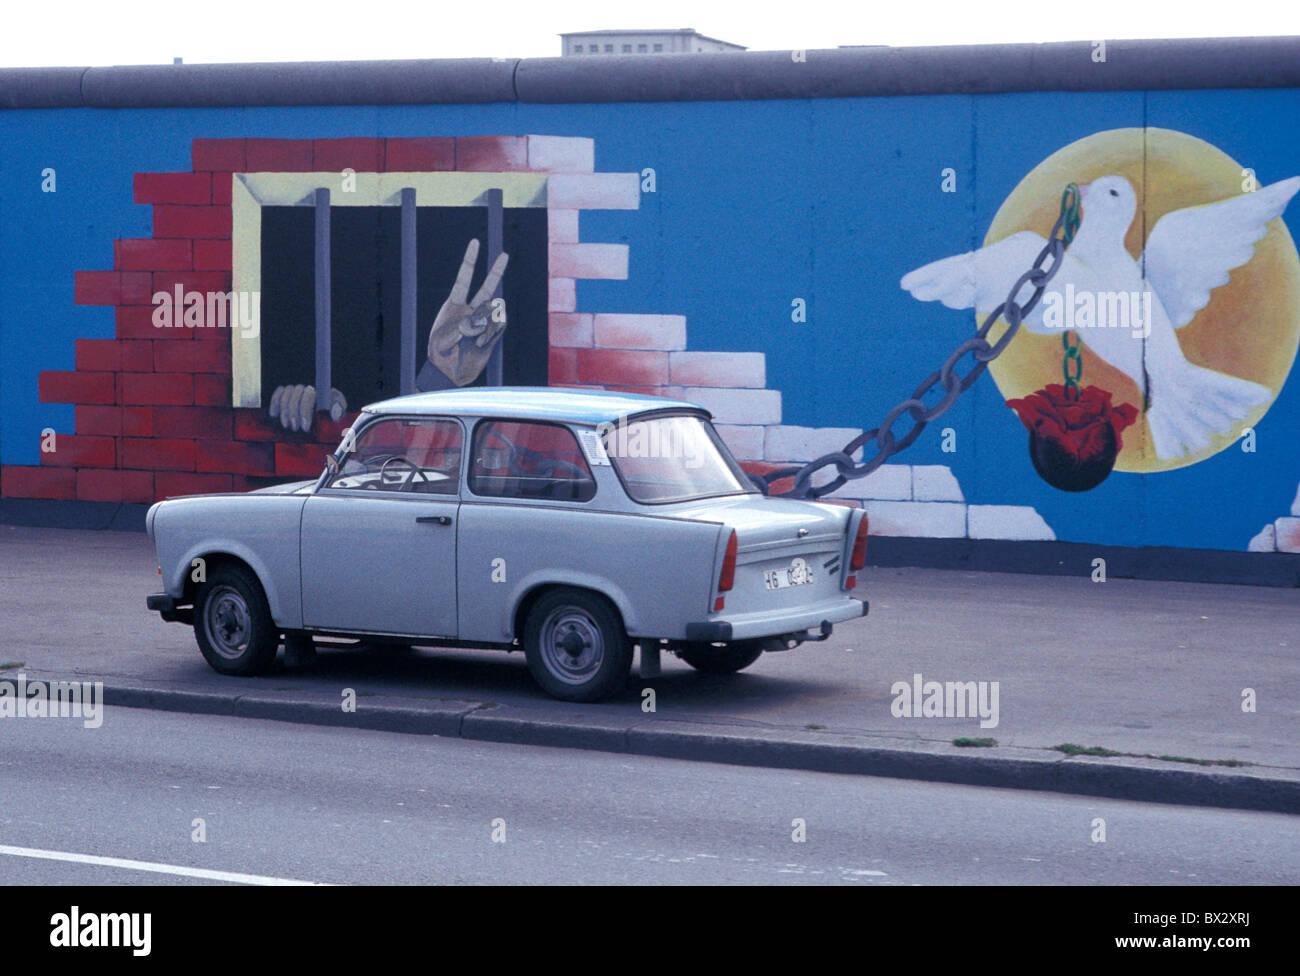 Muro de Berlín del siglo XX Ciudades Ciudad Guerra Fría coloridos colores Color Color Color Color Colorf Imagen De Stock